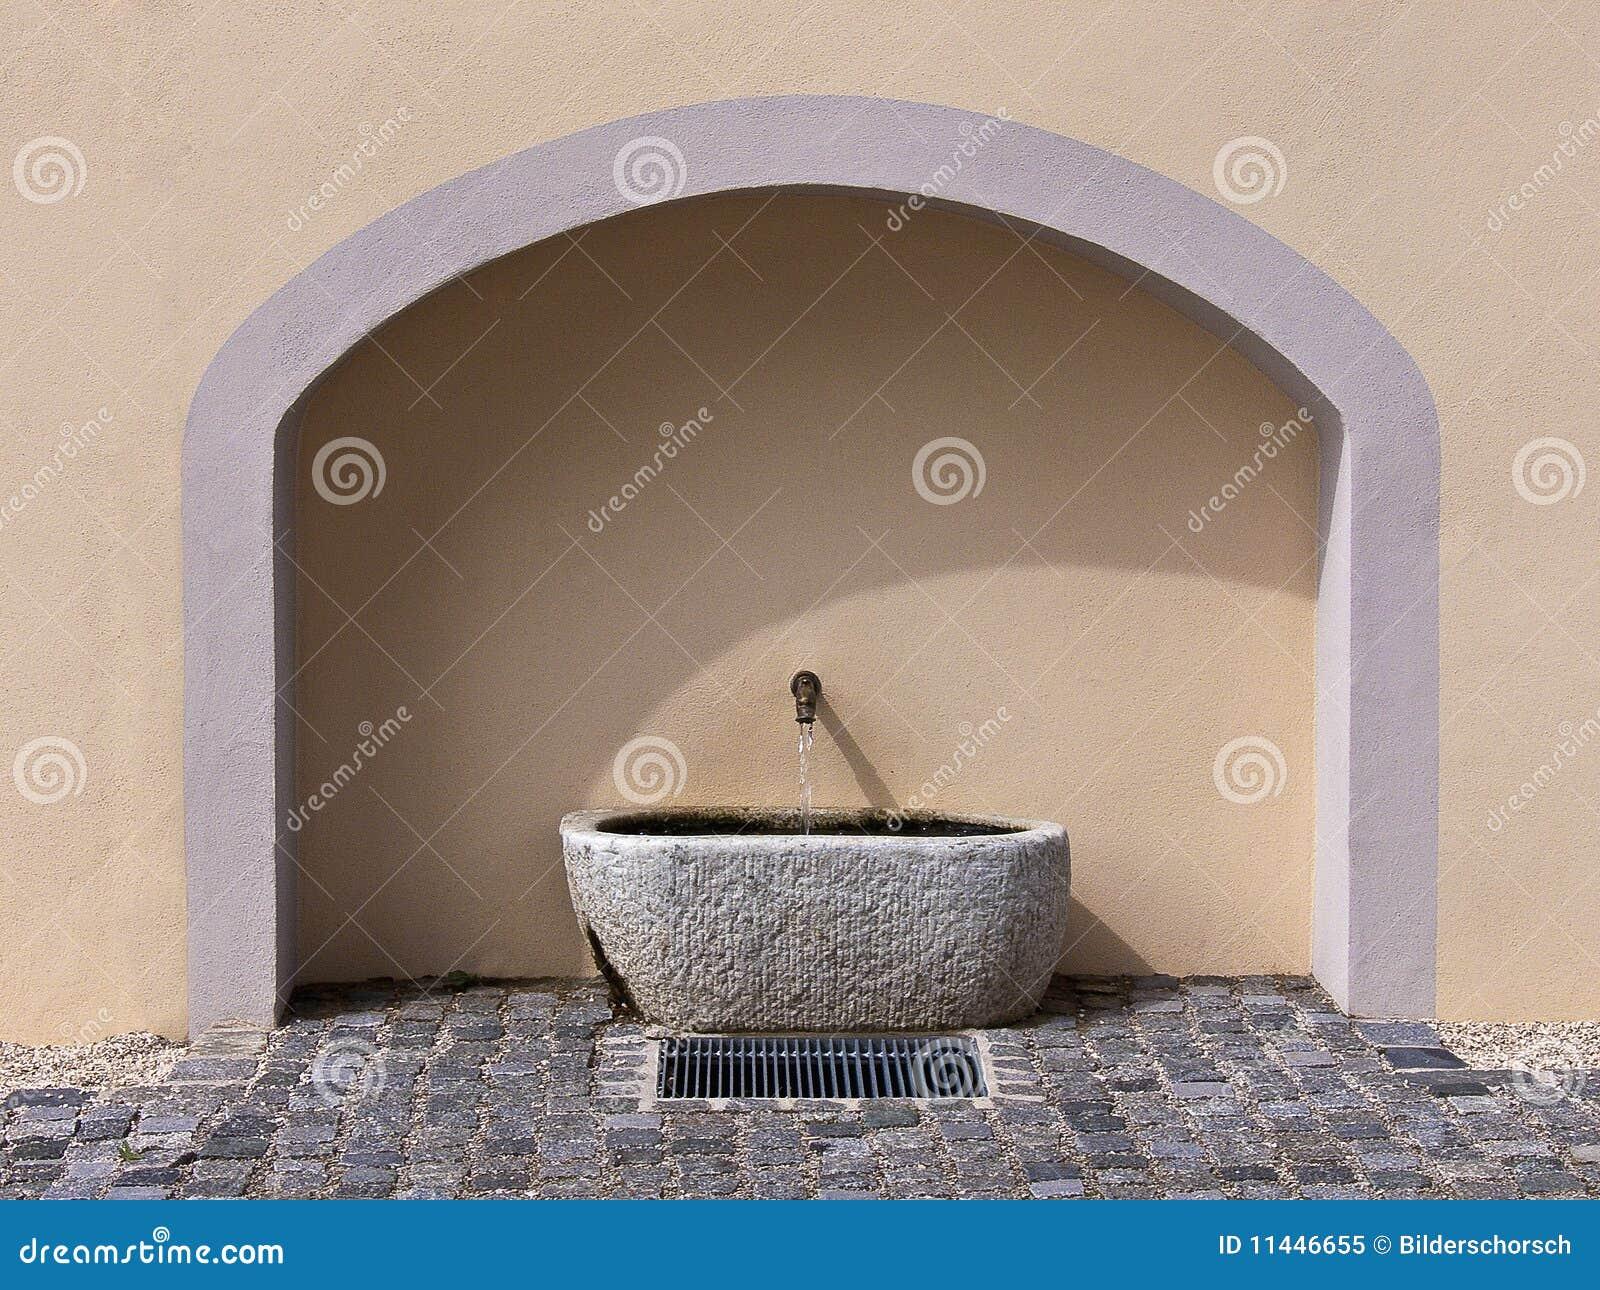 Fuente De Pared De Piedra Imagen De Archivo Imagen De Arte 11446655 - Fuentes-de-piedra-de-pared